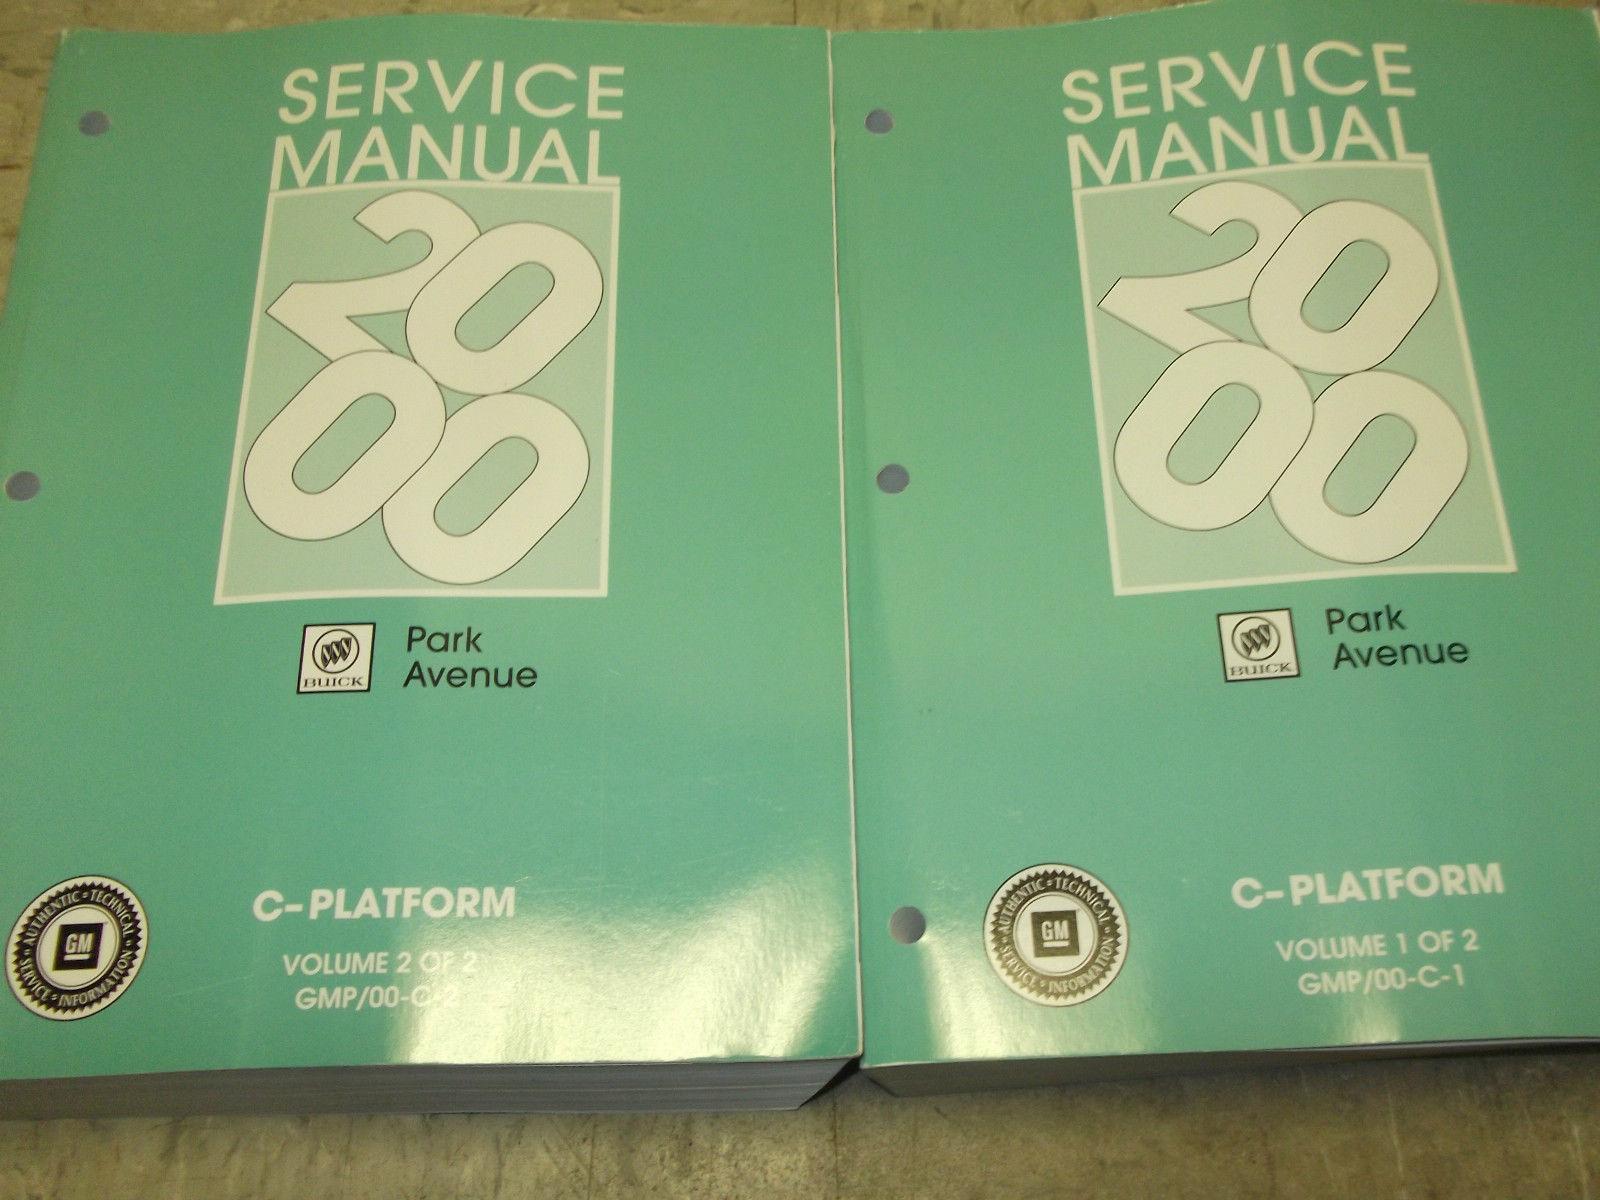 2000 buick park avenue service repair shop and 41 similar items rh bonanza com 2000 Buick LeSabre Interior 2000 buick lesabre service manual pdf